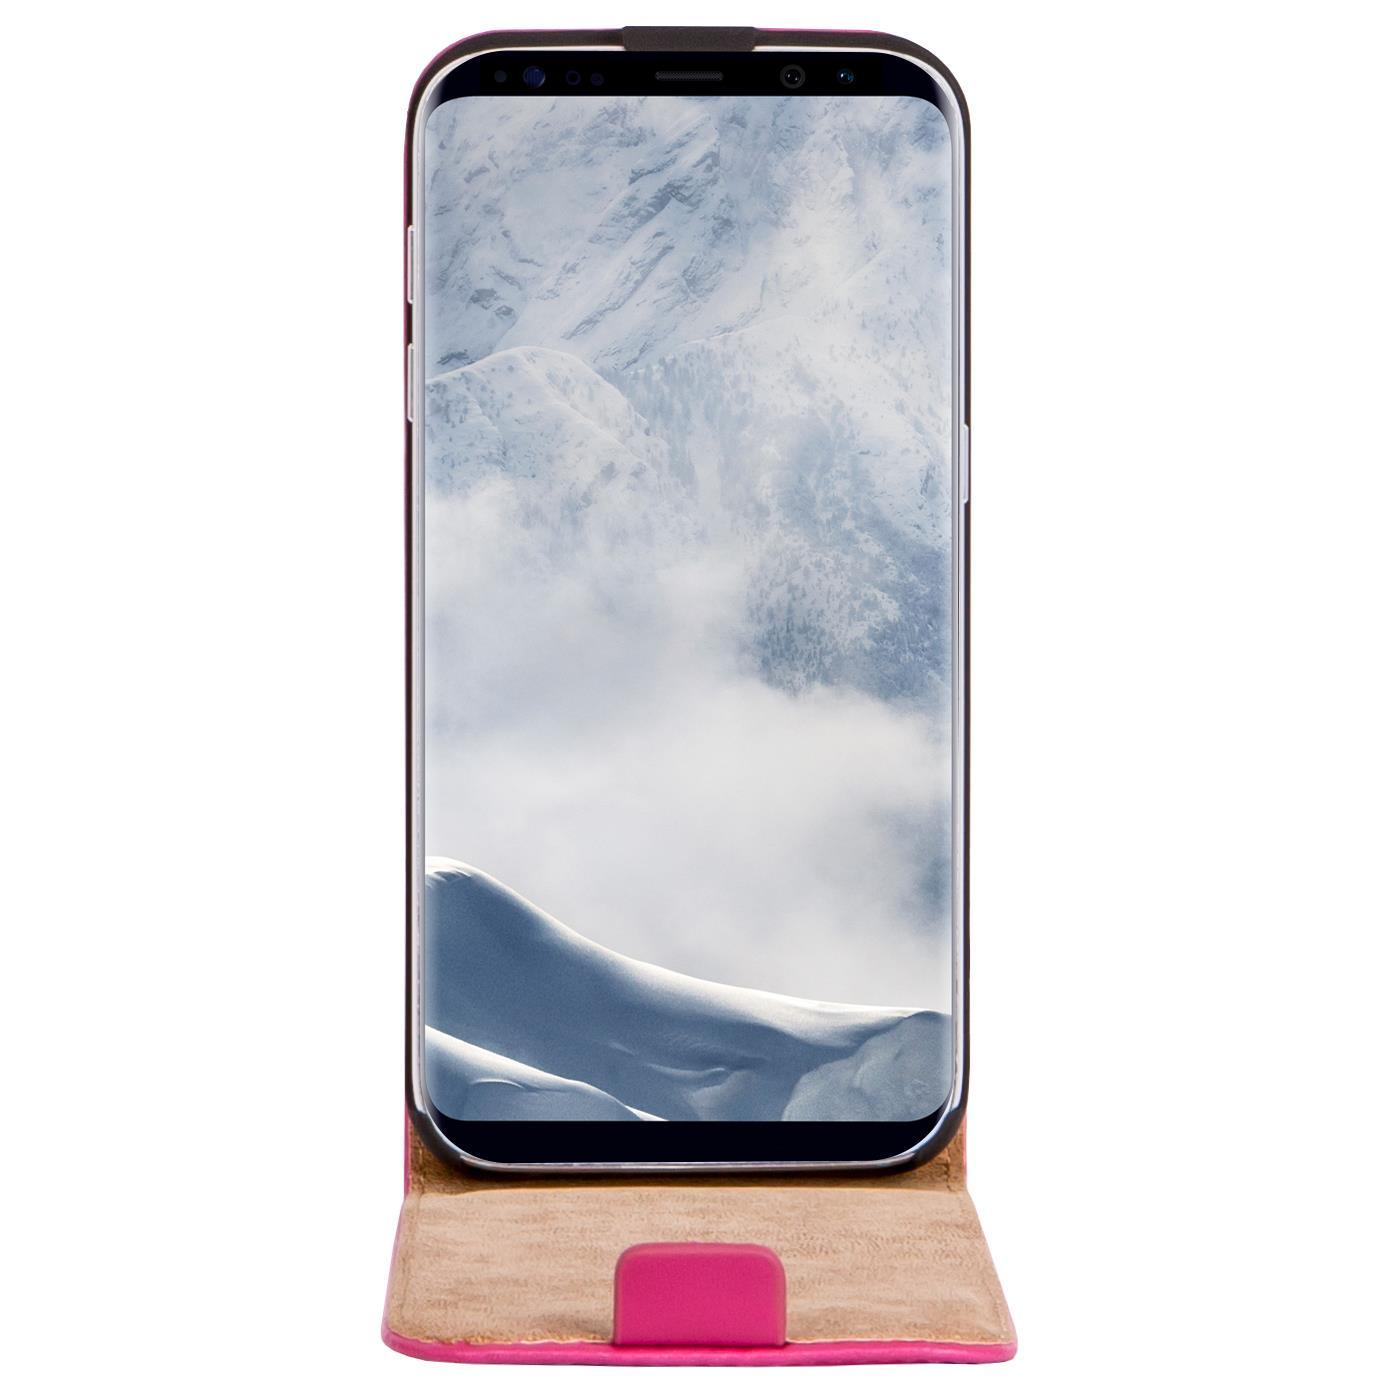 Klapphuelle-Samsung-Galaxy-Flip-Case-Tasche-Schutzhuelle-Cover-Schutz-Handy-Huelle Indexbild 22